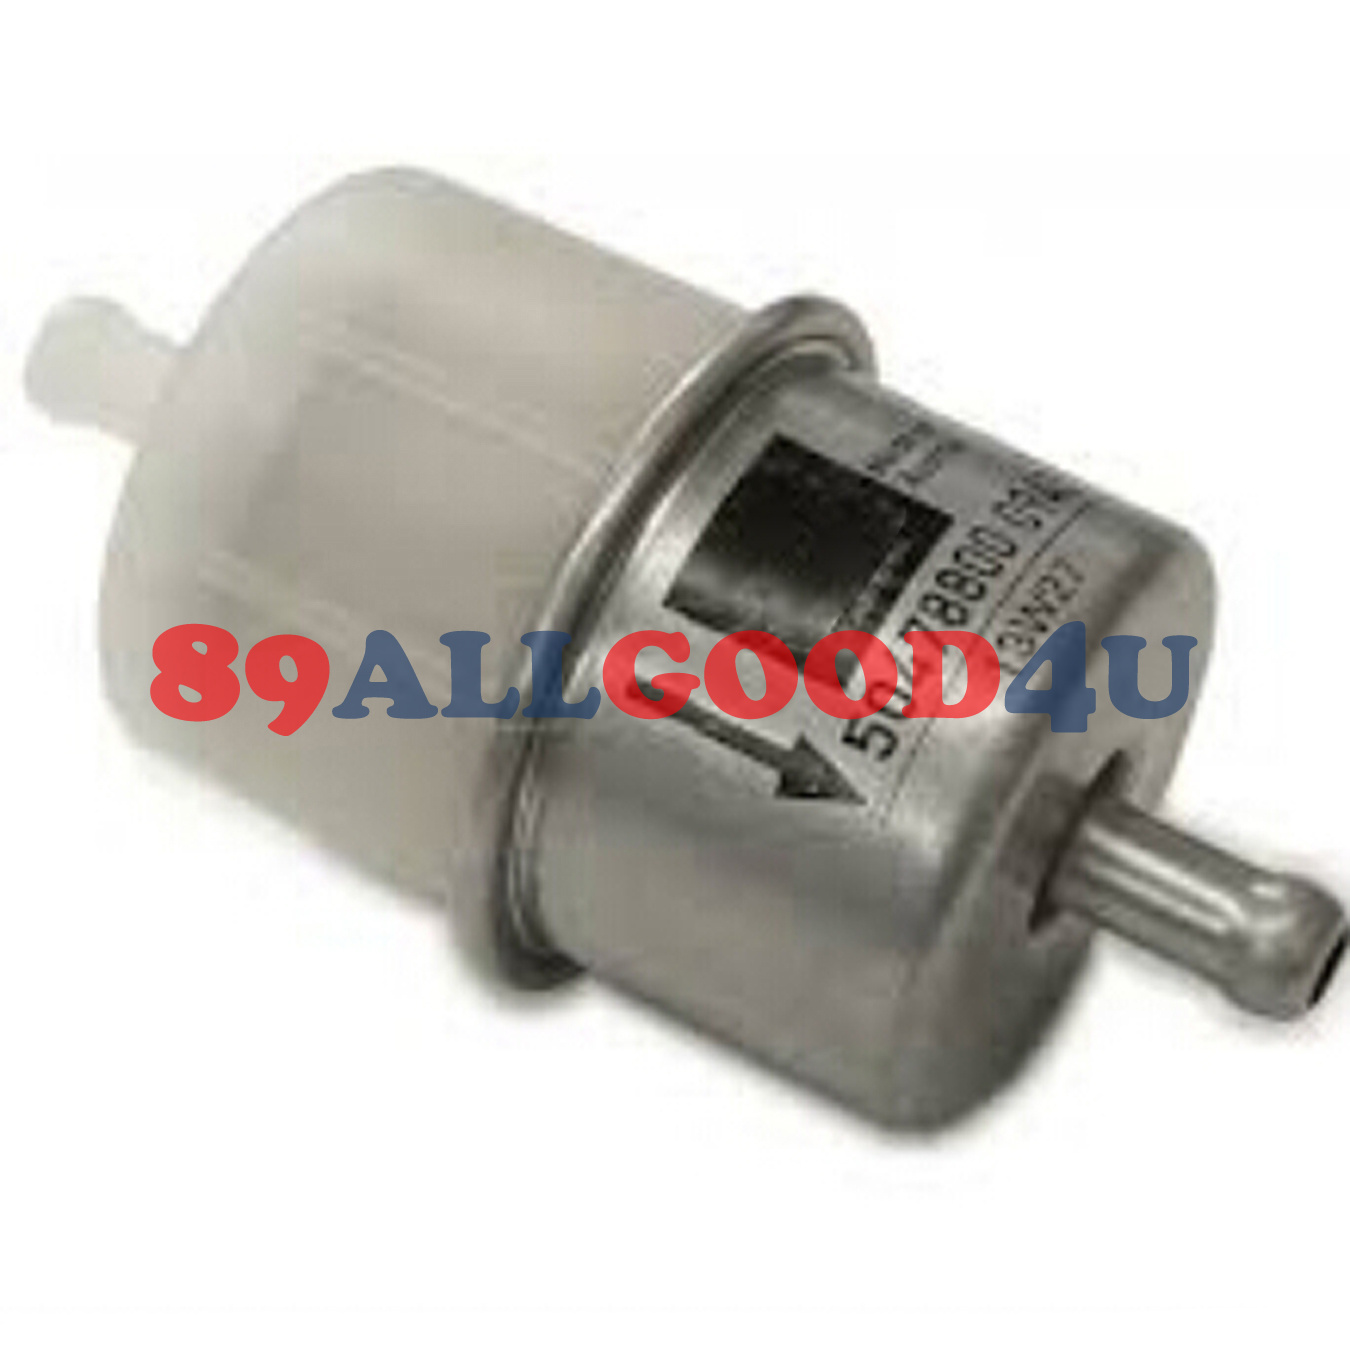 Fuel Filter 50478800 Fit For HATZ 1B 1D 2G40 Diesel Engine | eBayeBay